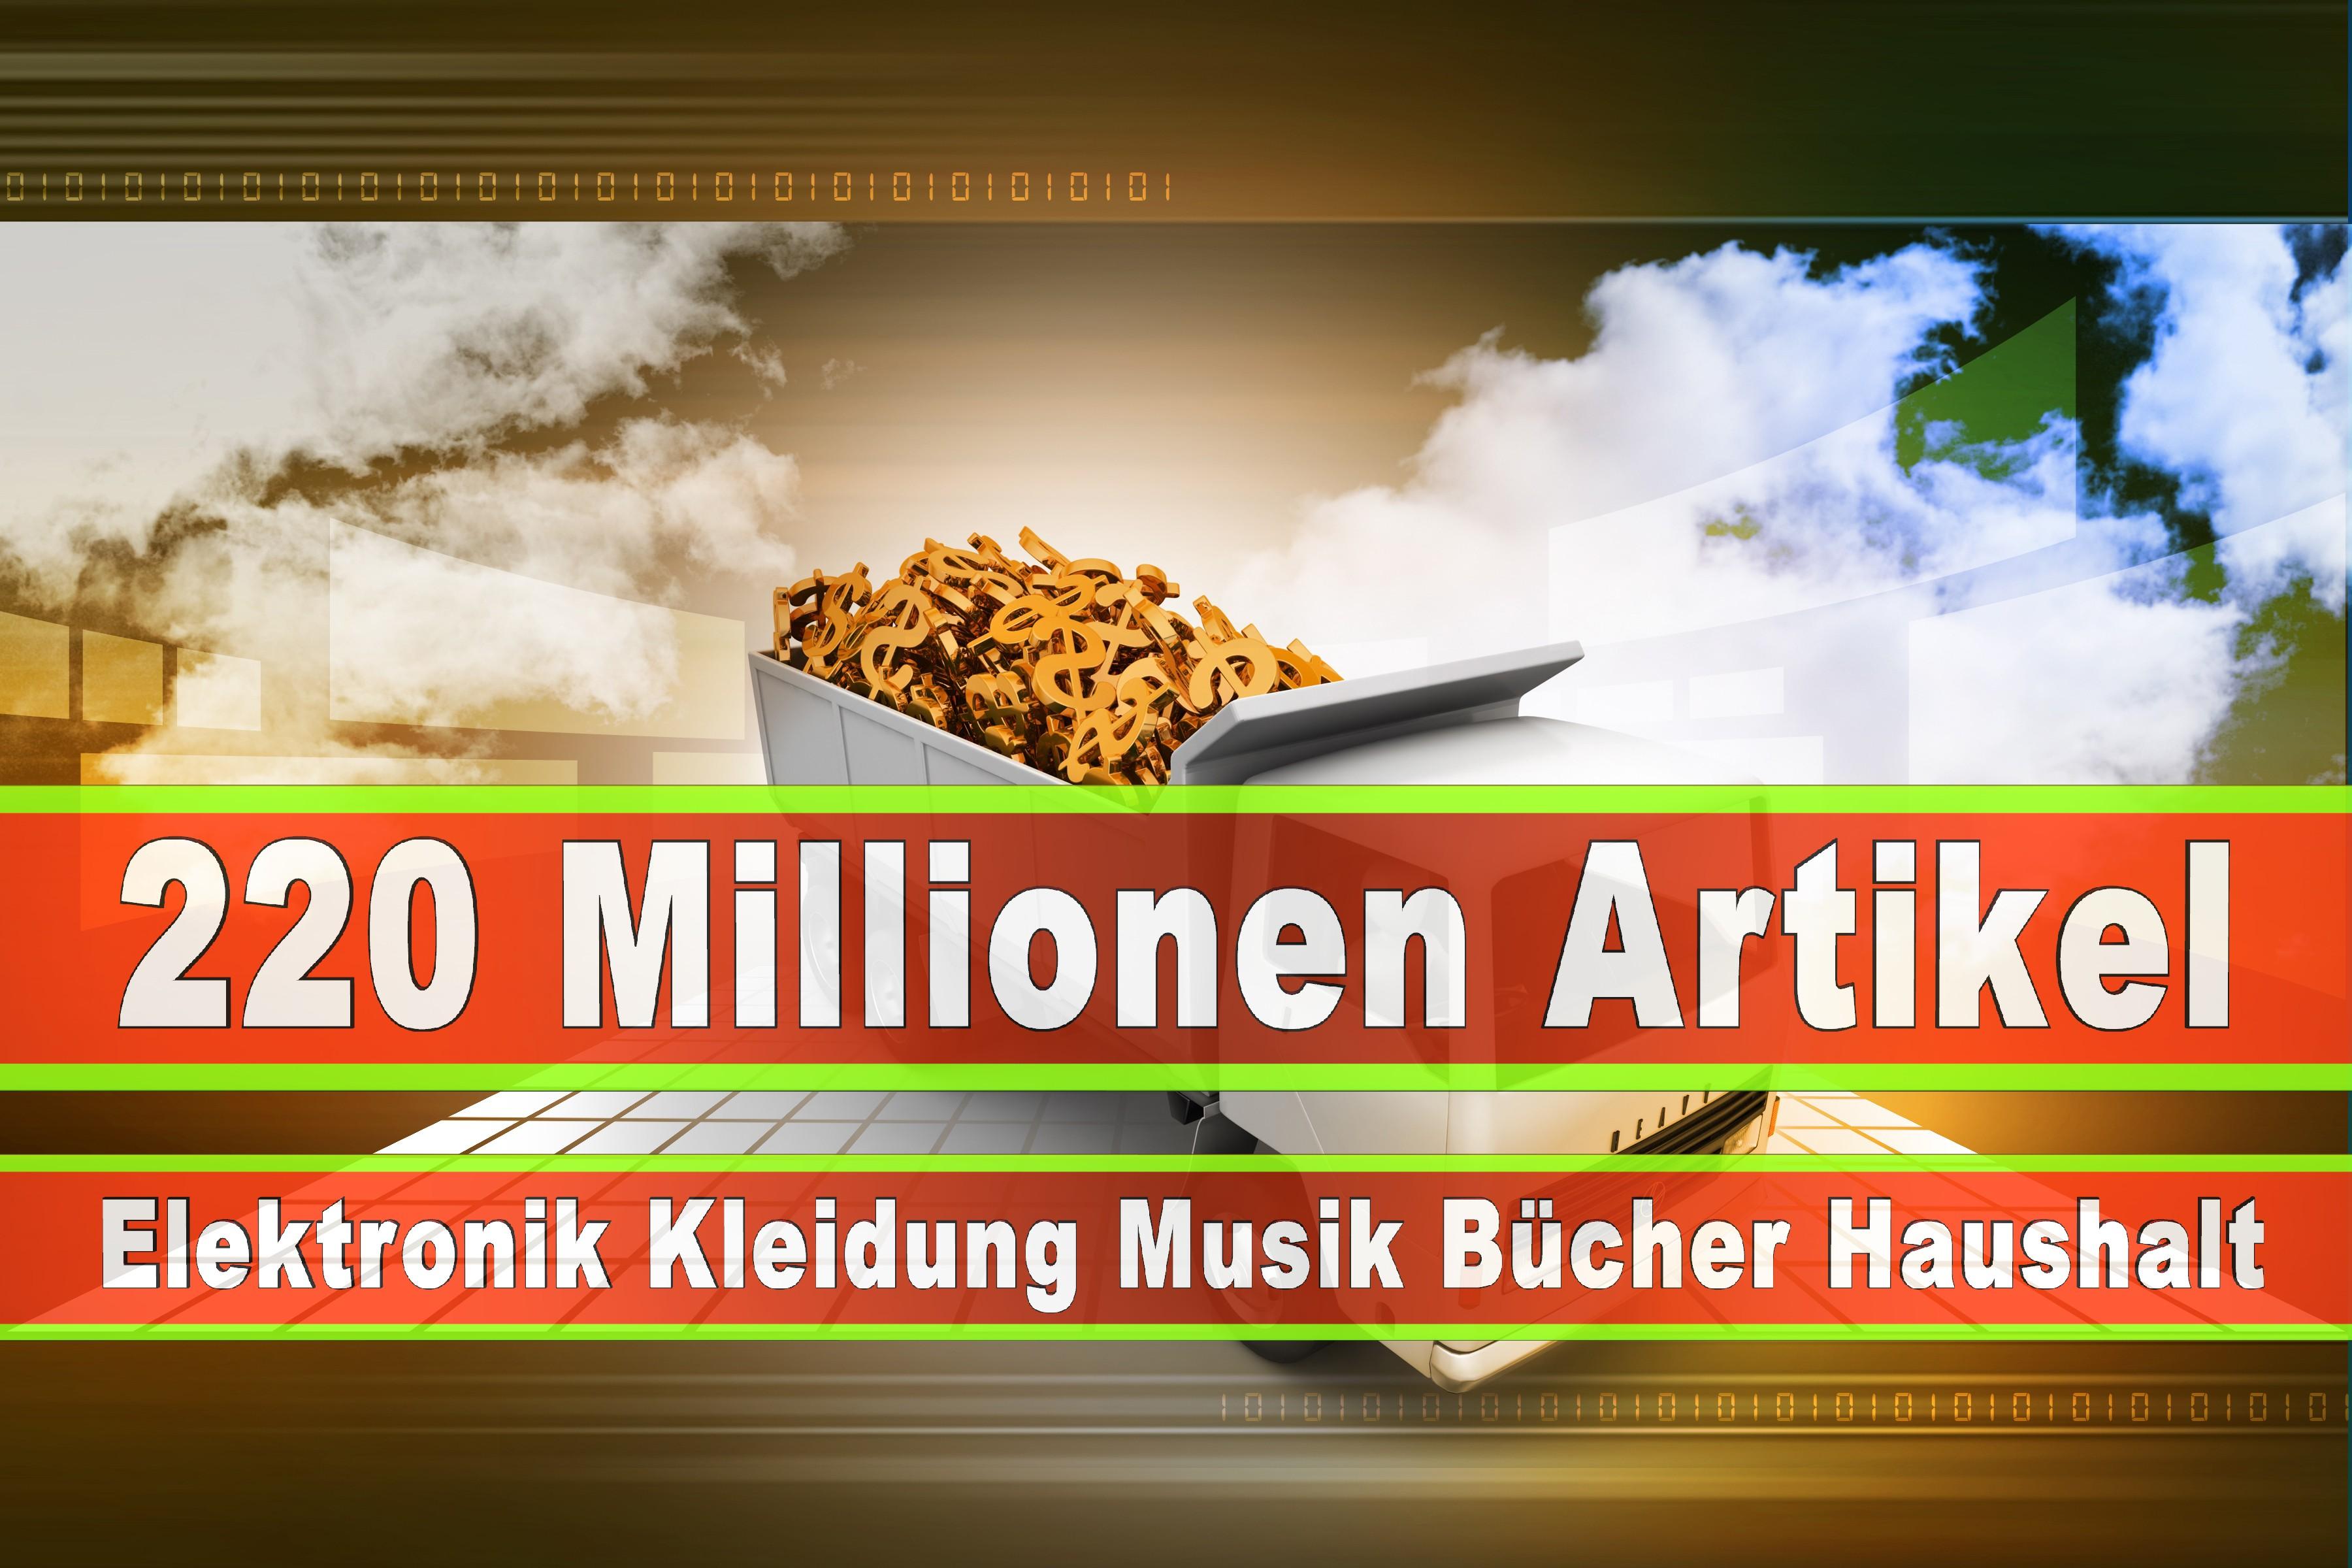 Amazon Elektronik Musik Haushalt Bücher CD DVD Handys Smartphones TV Television Fernseher Kleidung Mode Ebay (55)